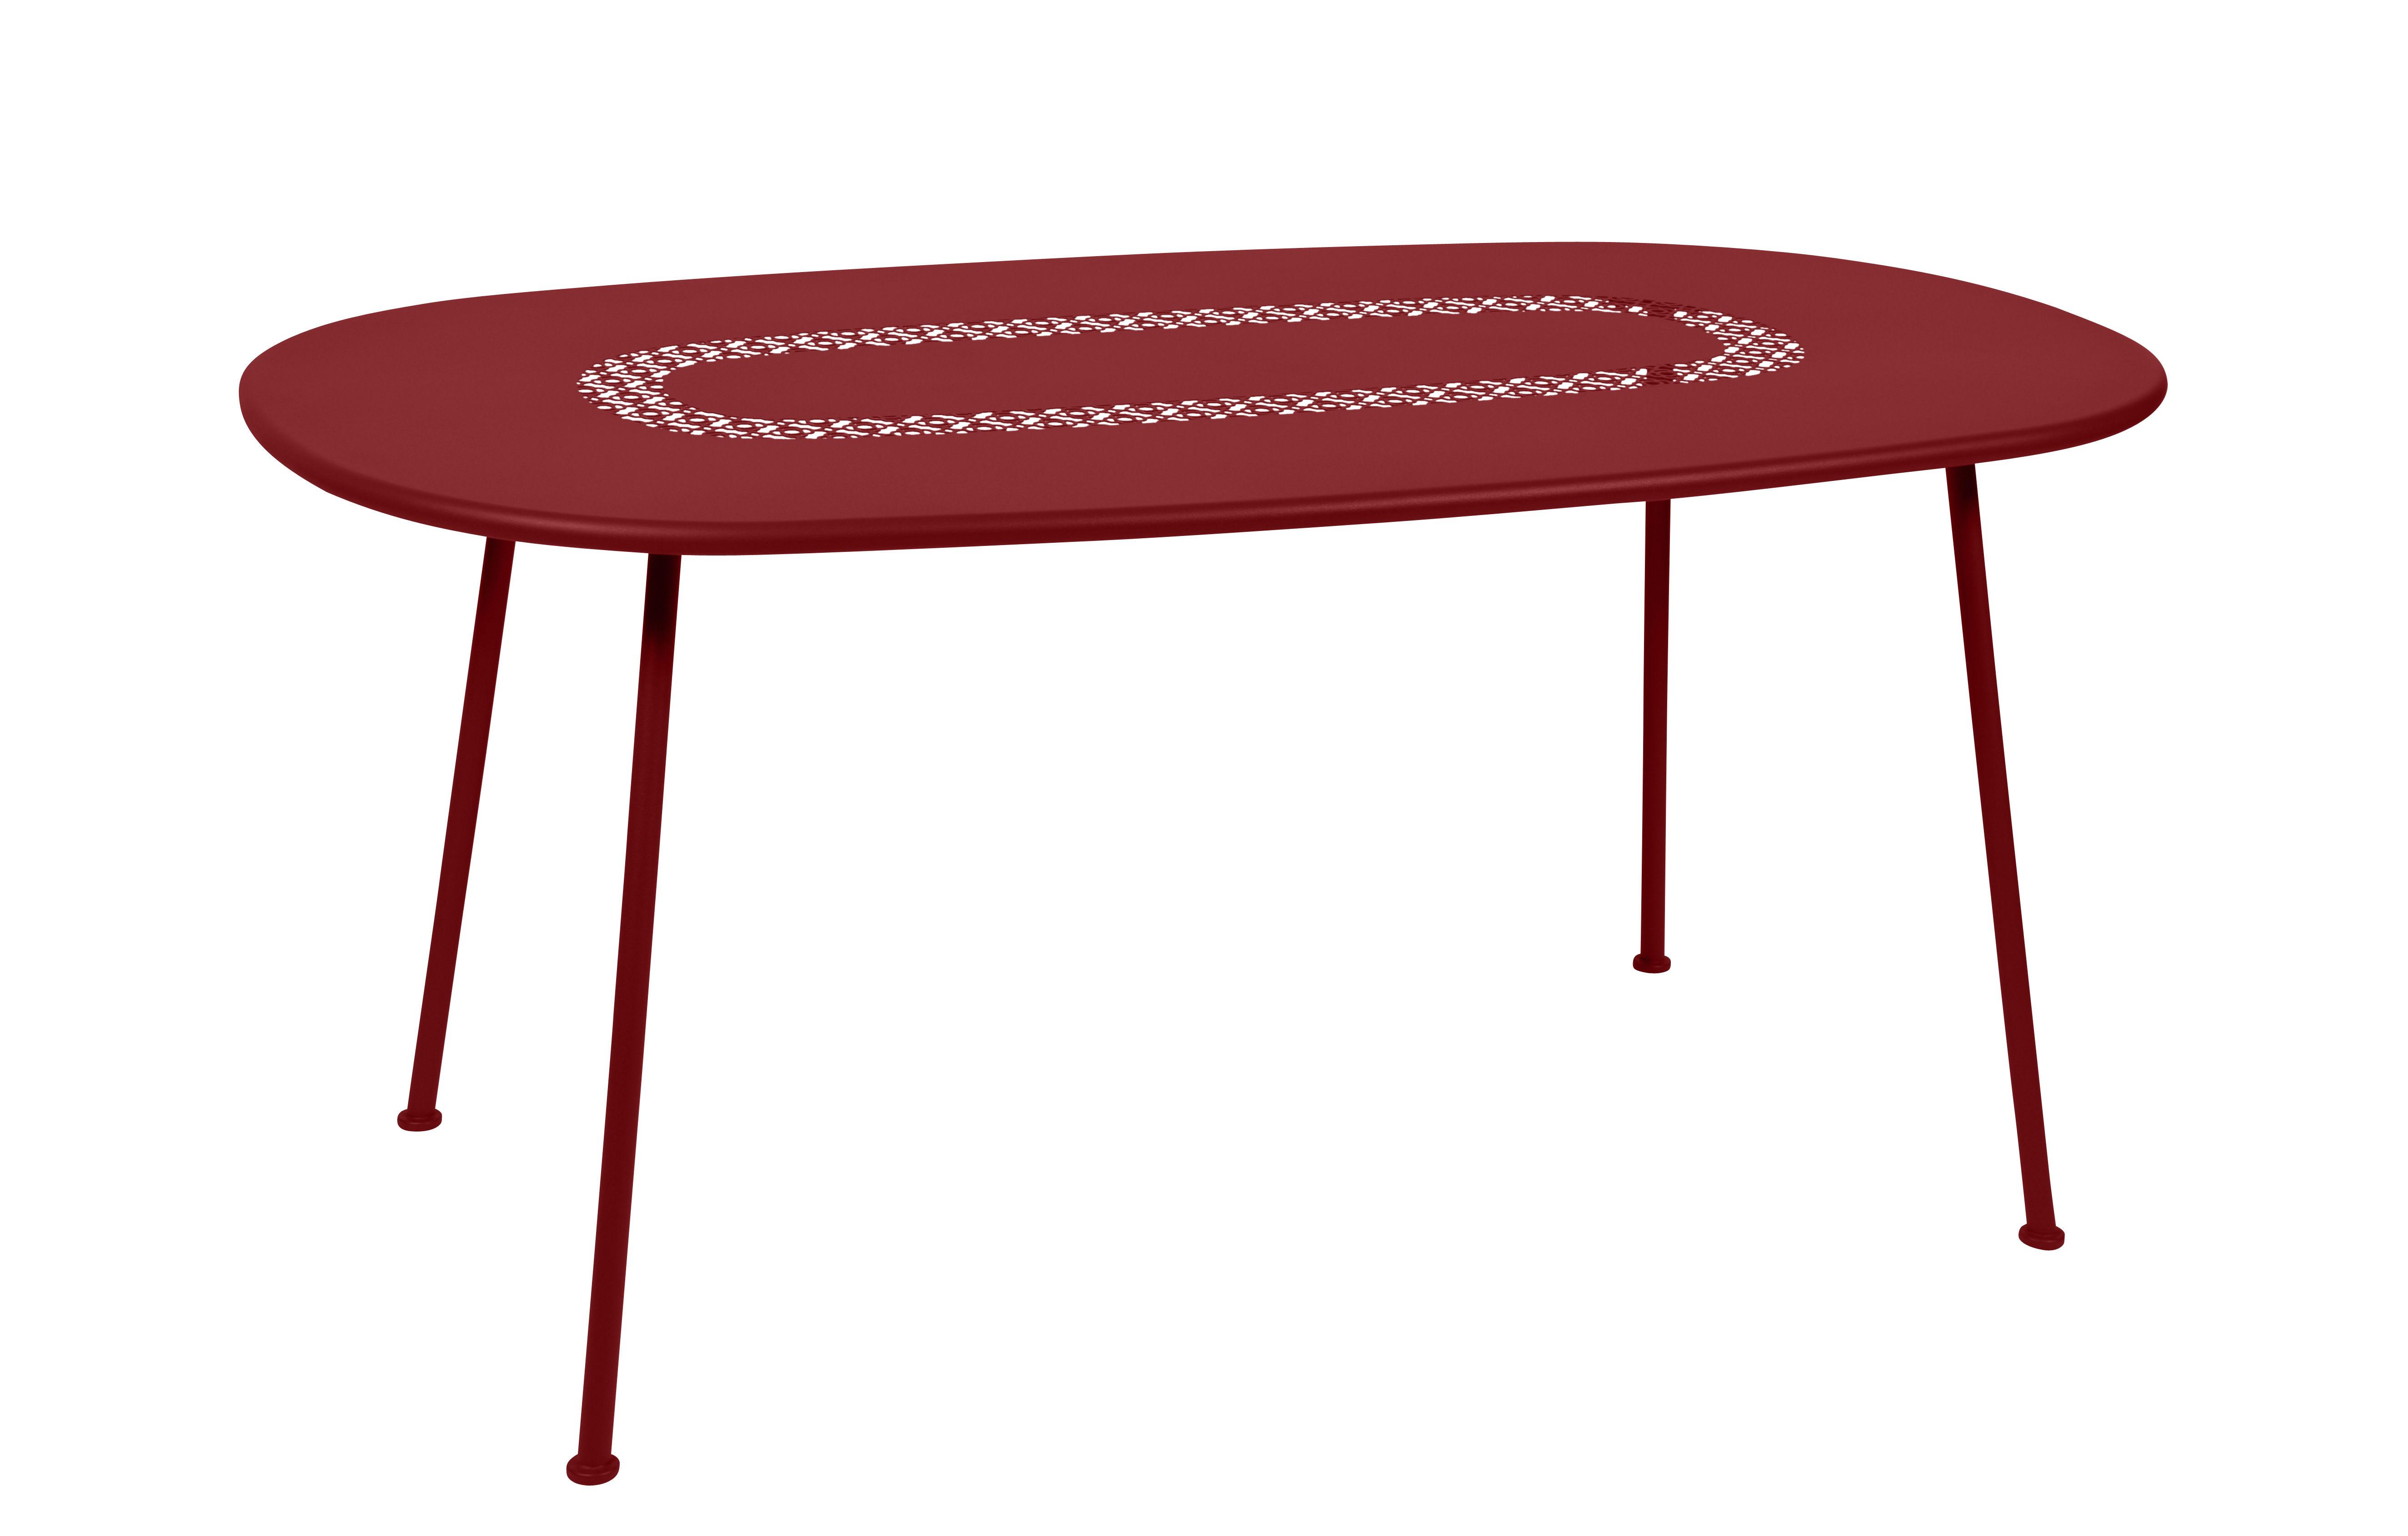 Outdoor - Tavoli  - Table ovale Lorette - / 160 x 90 cm - Metallo di Fermob - Pimento - Acciaio laccato